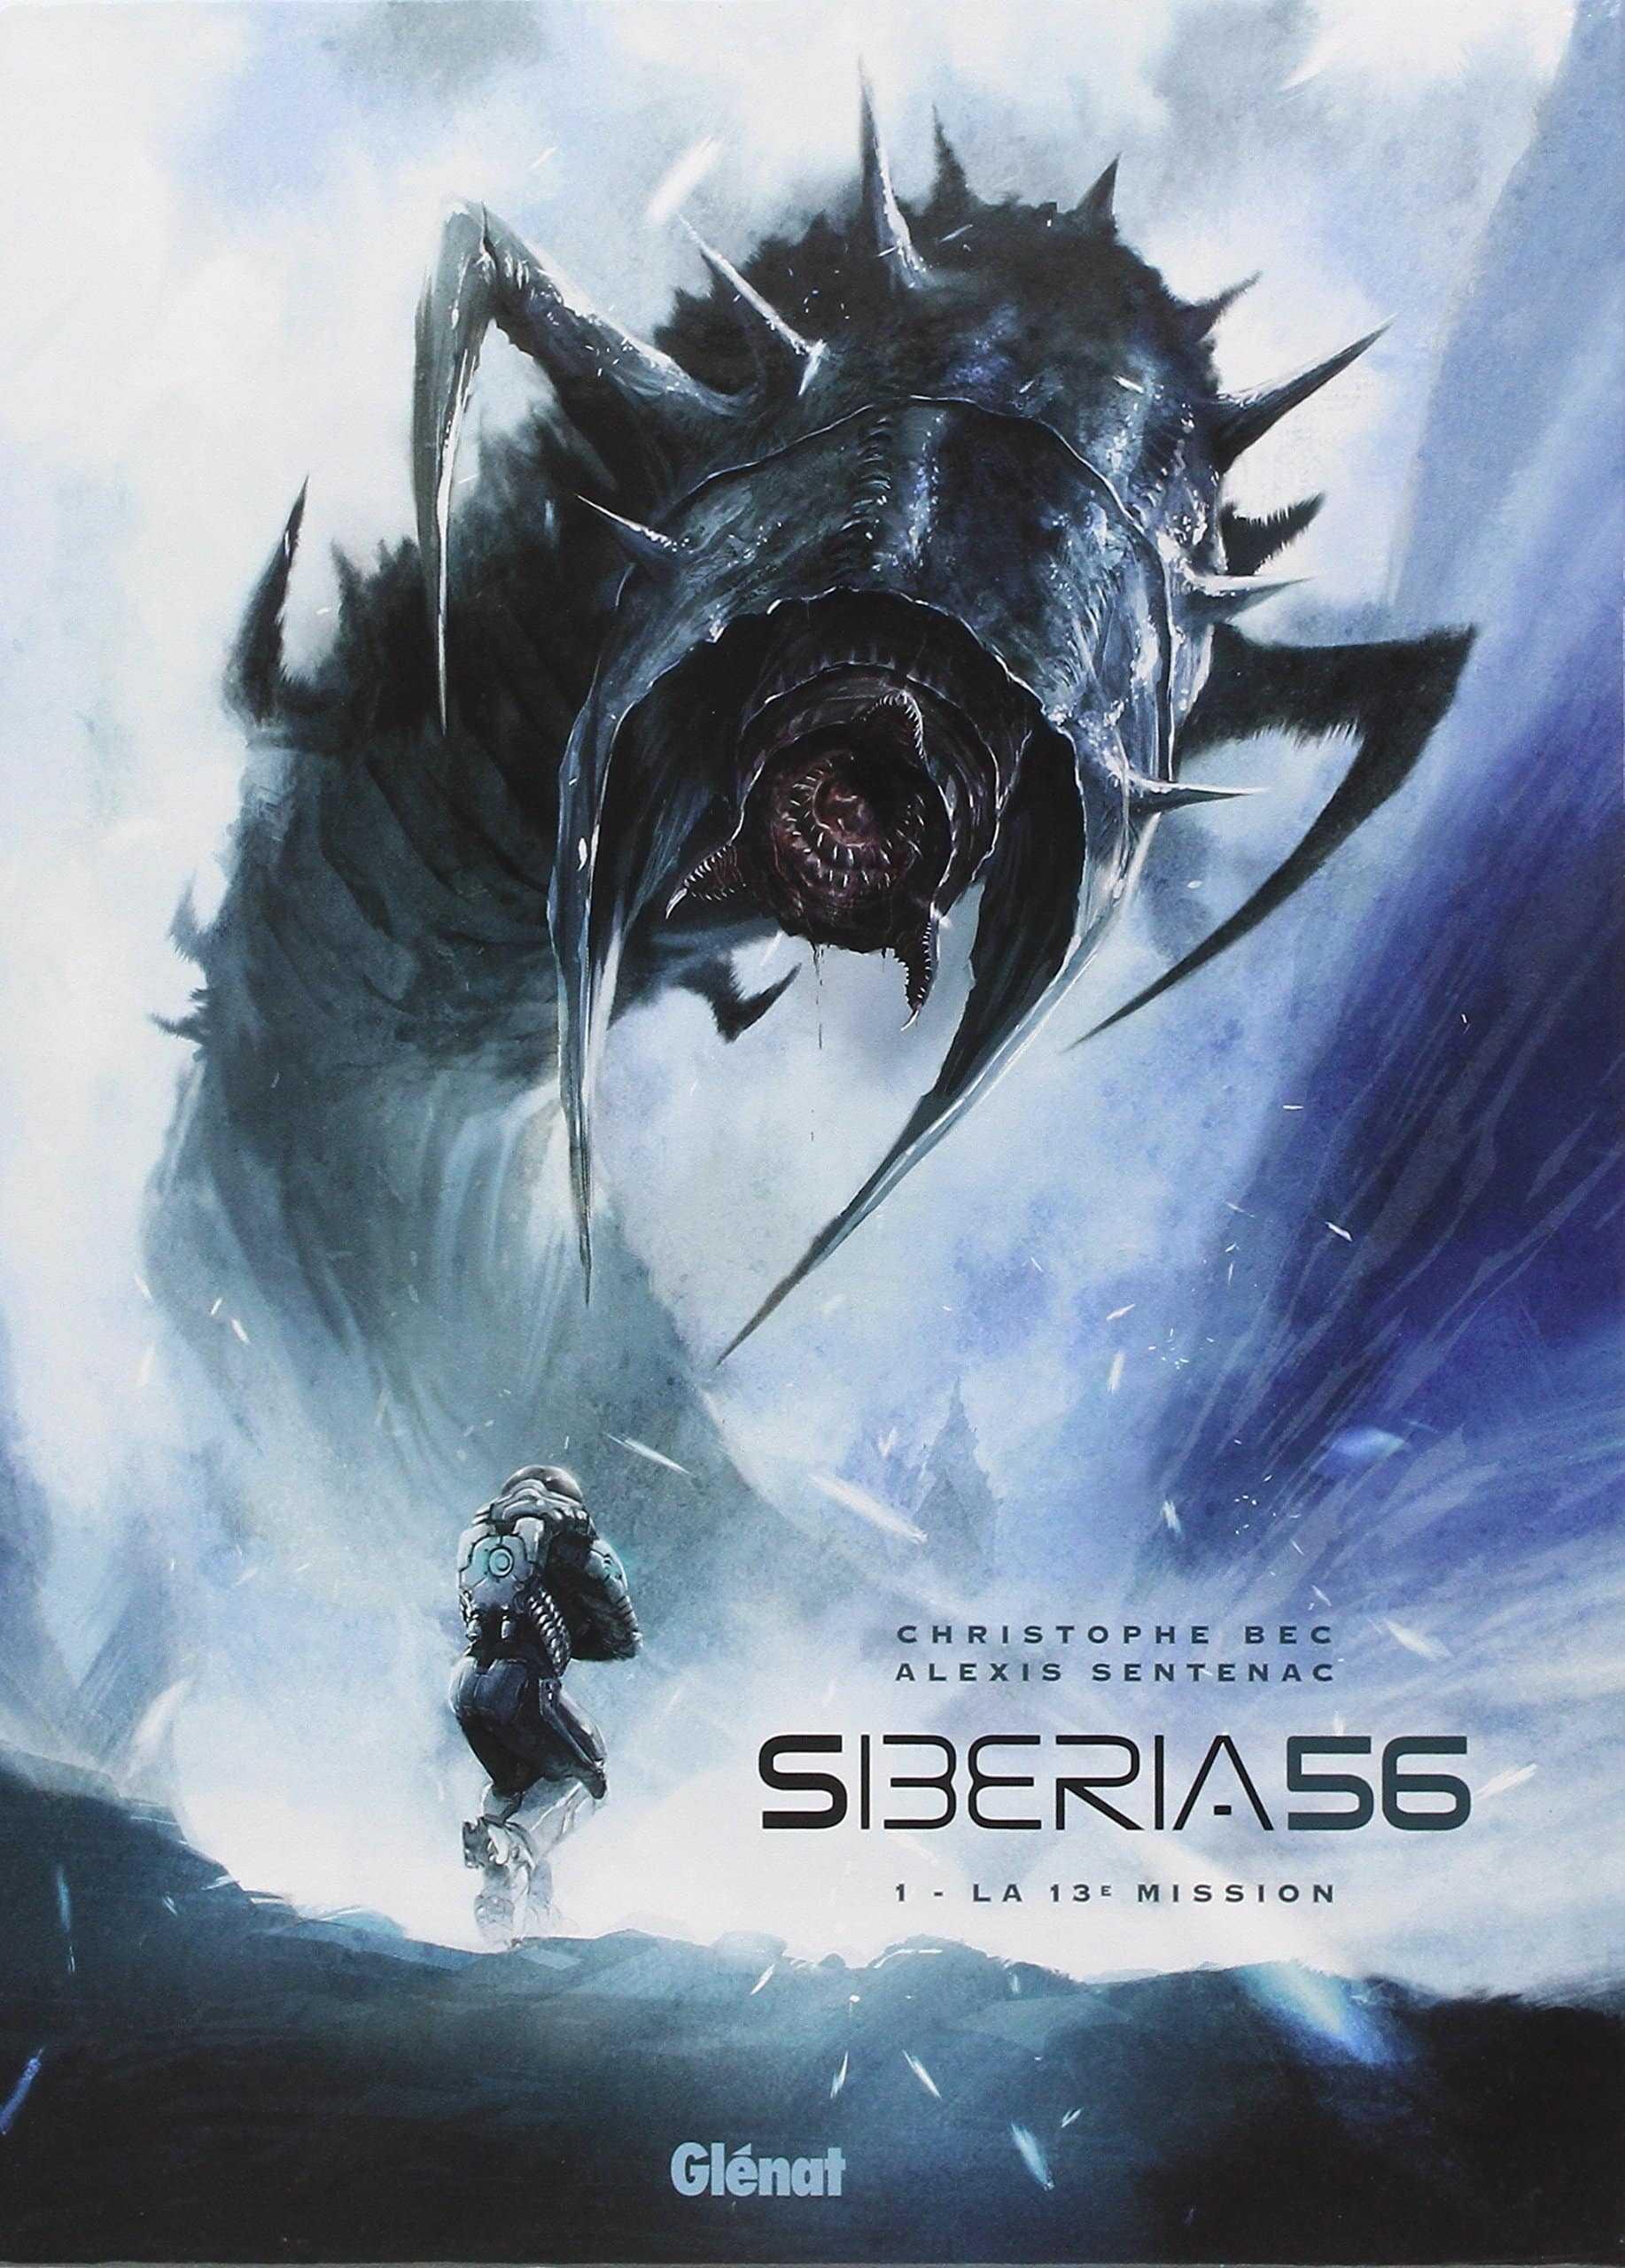 Siberia 56, Christophe Bec et ses survivants